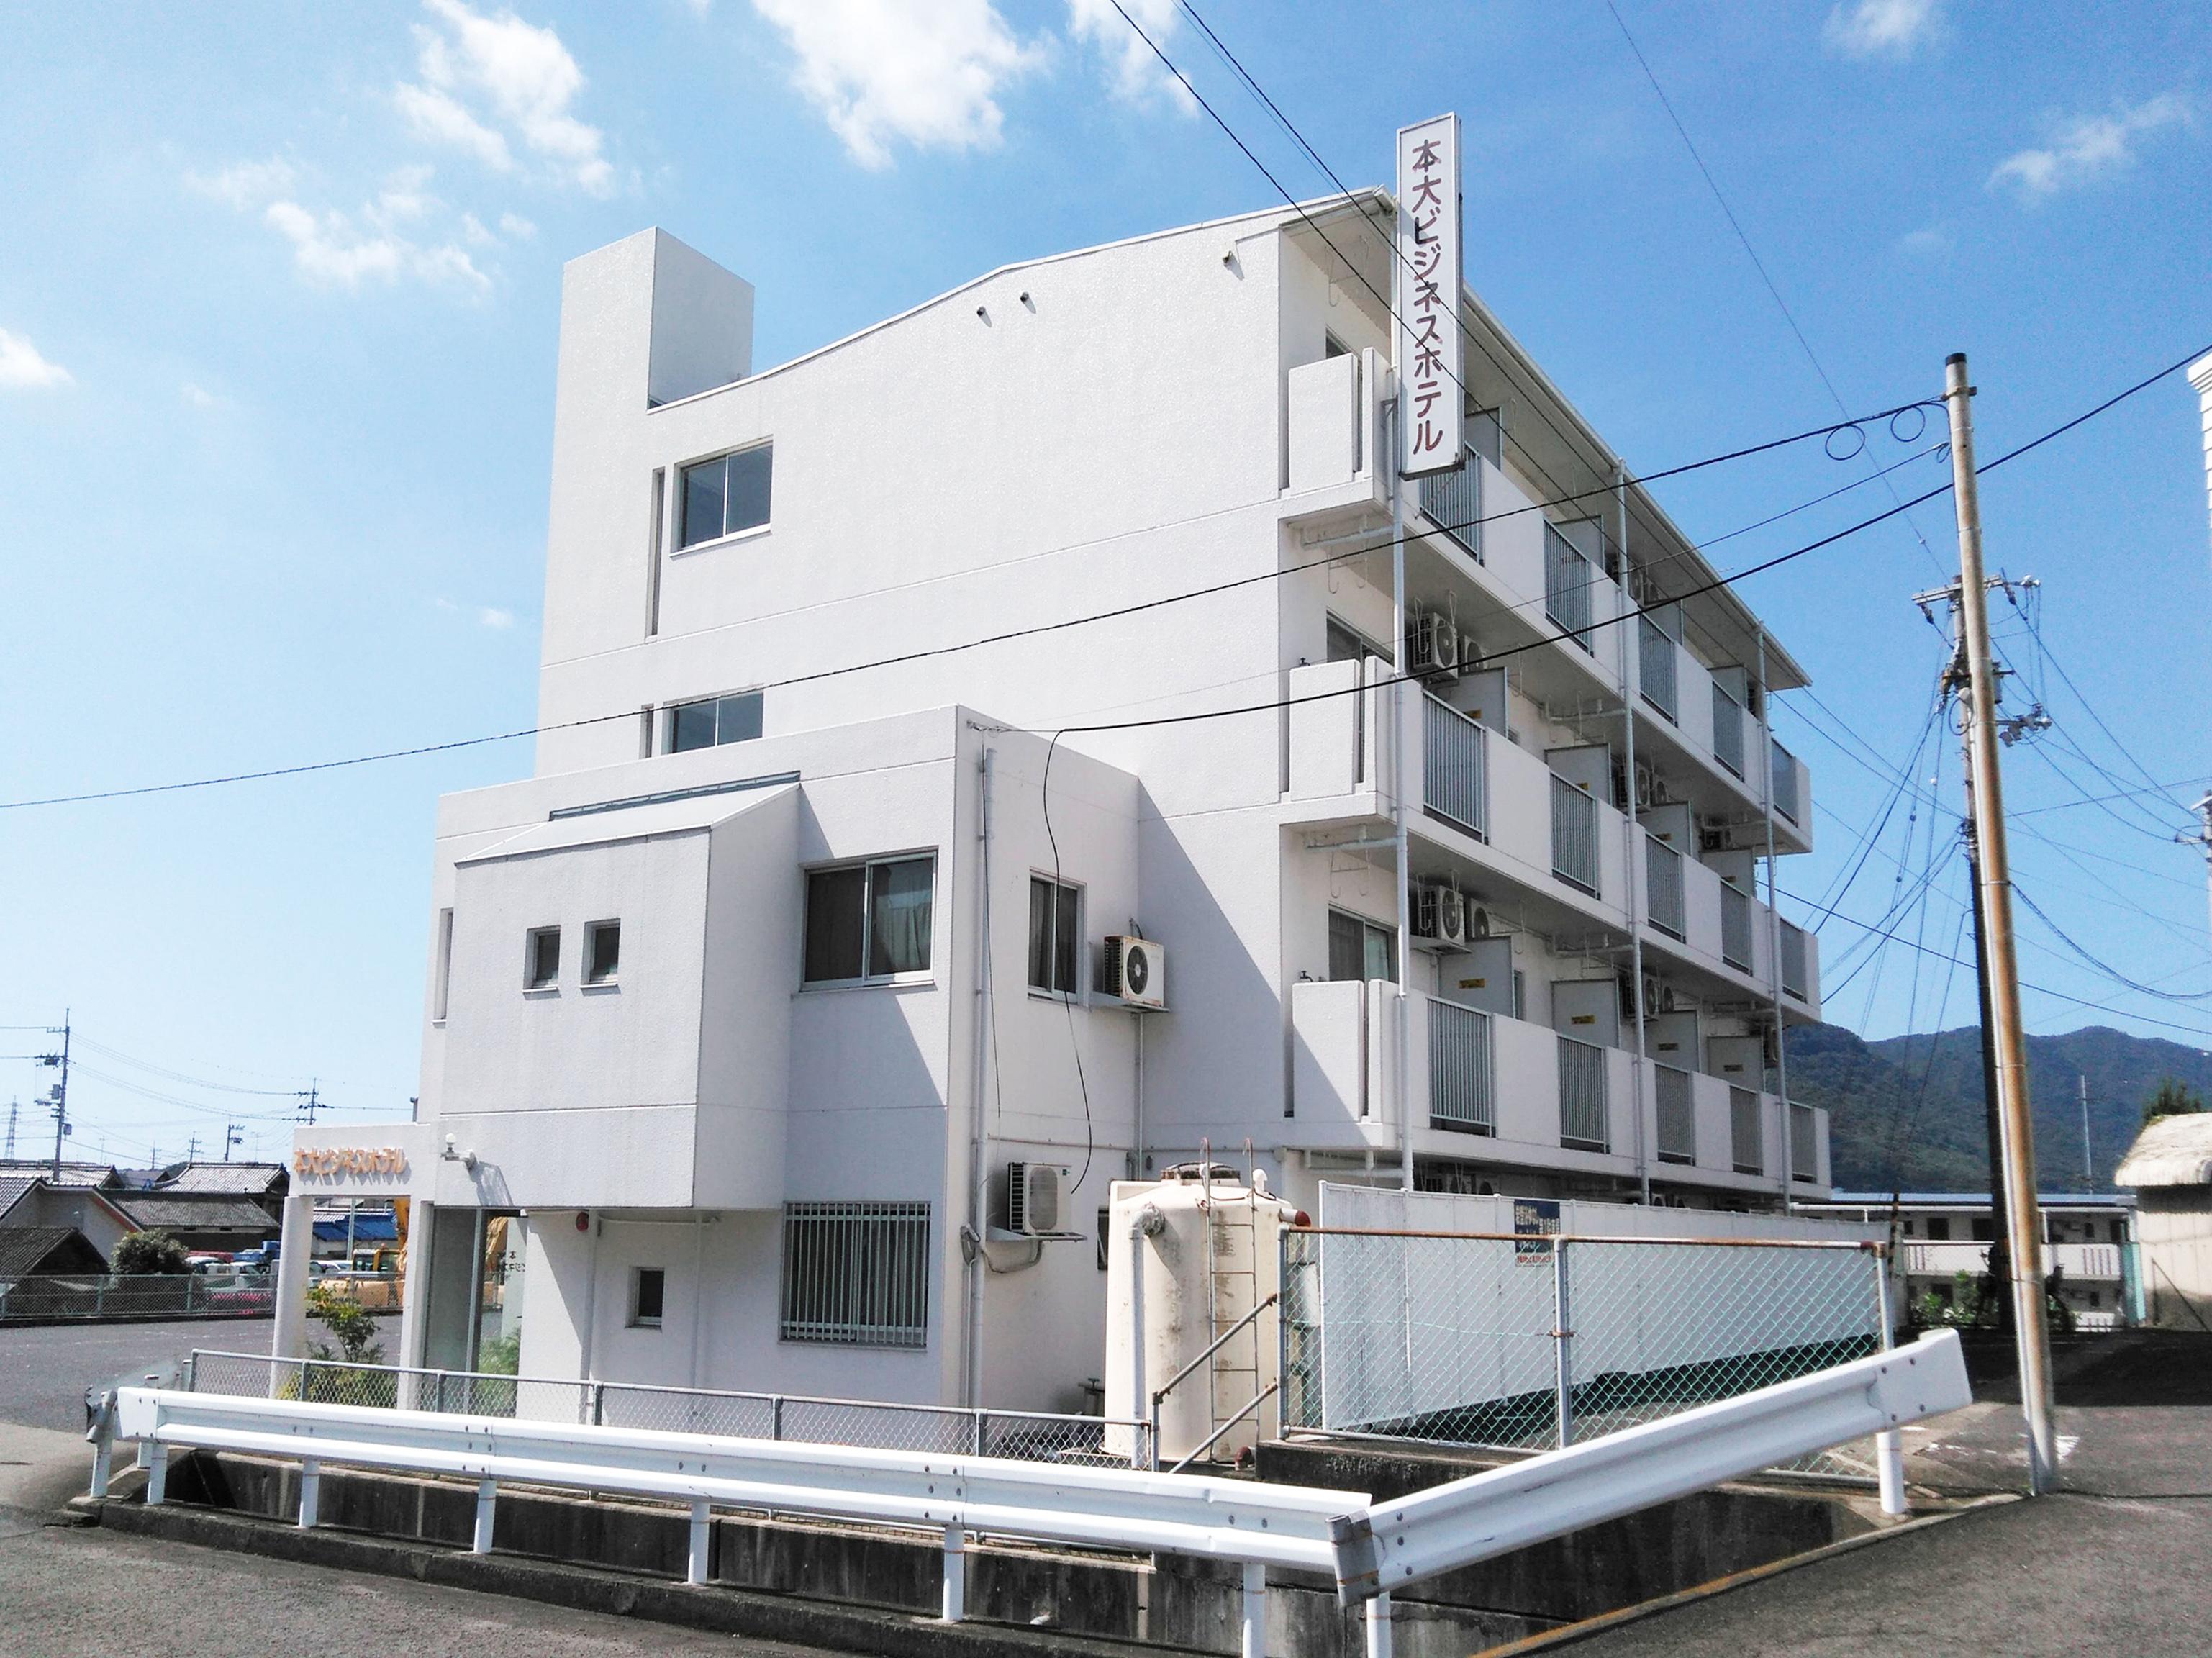 本大 ビジネスホテル◆楽天トラベル